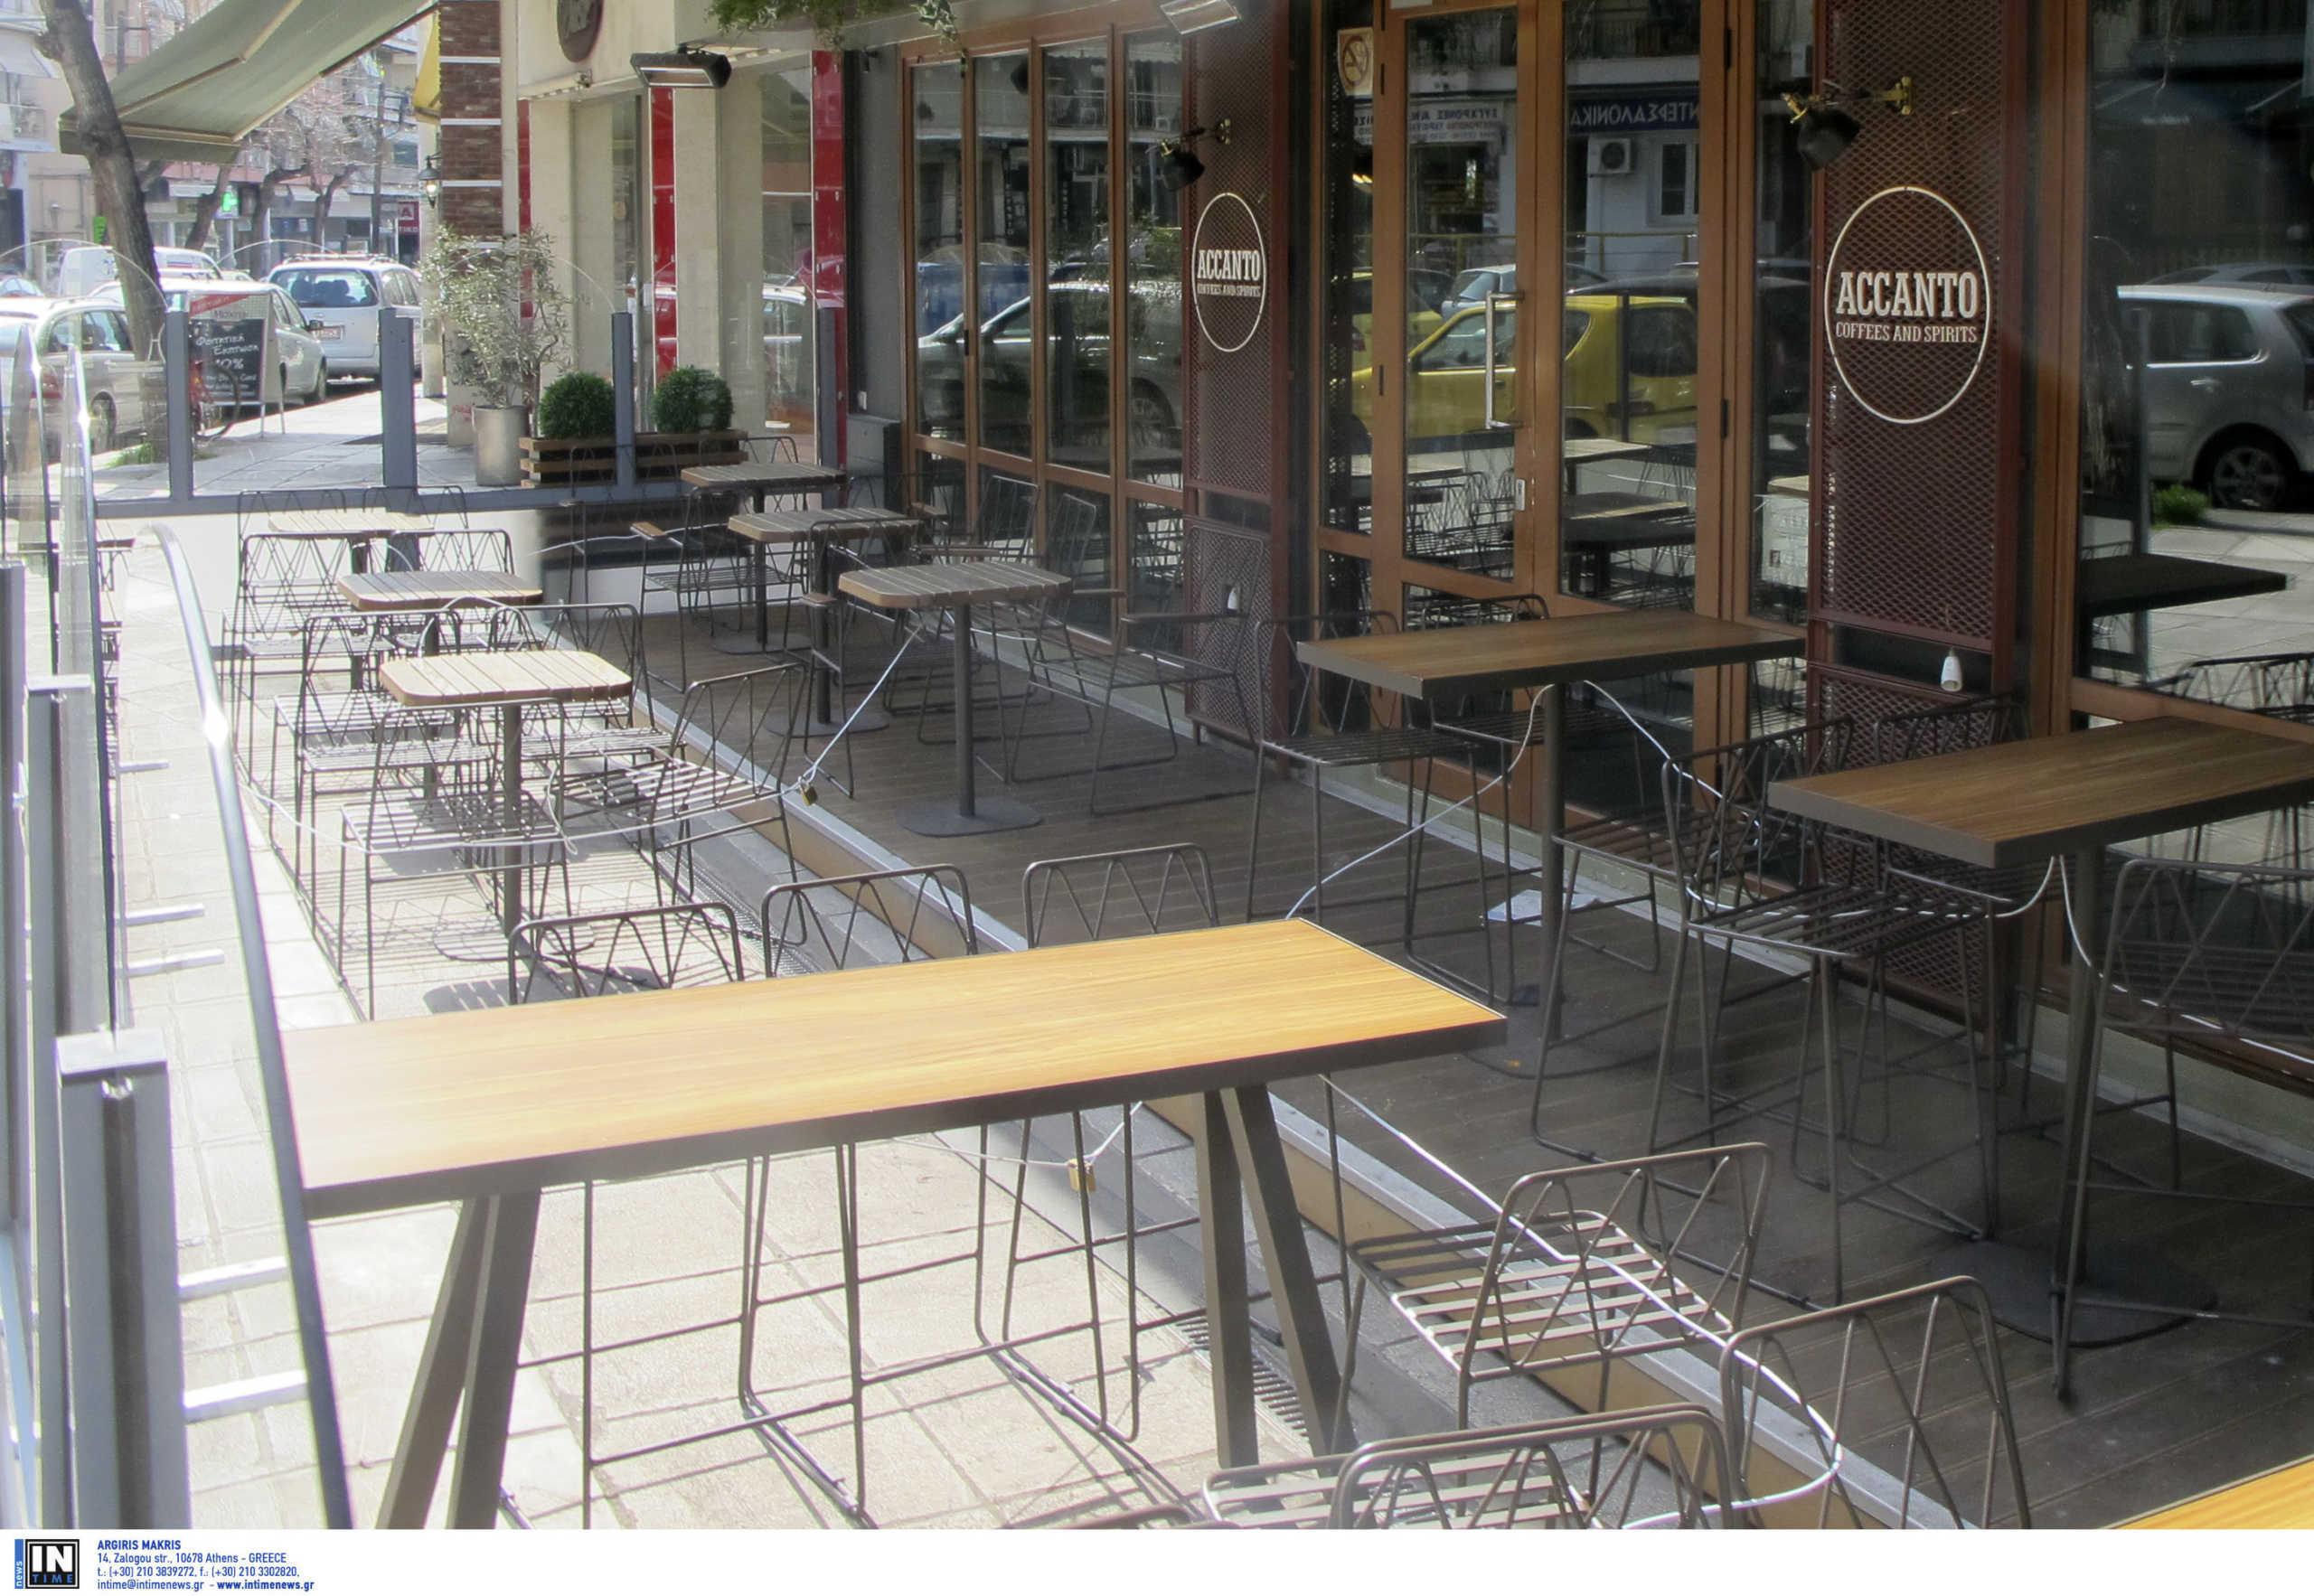 Θεοδωρικάκος στο Live News: Περισσότερος χώρος για τραπέζια έξω – Τα σχολεία είναι έτοιμα και πεντακάθαρα